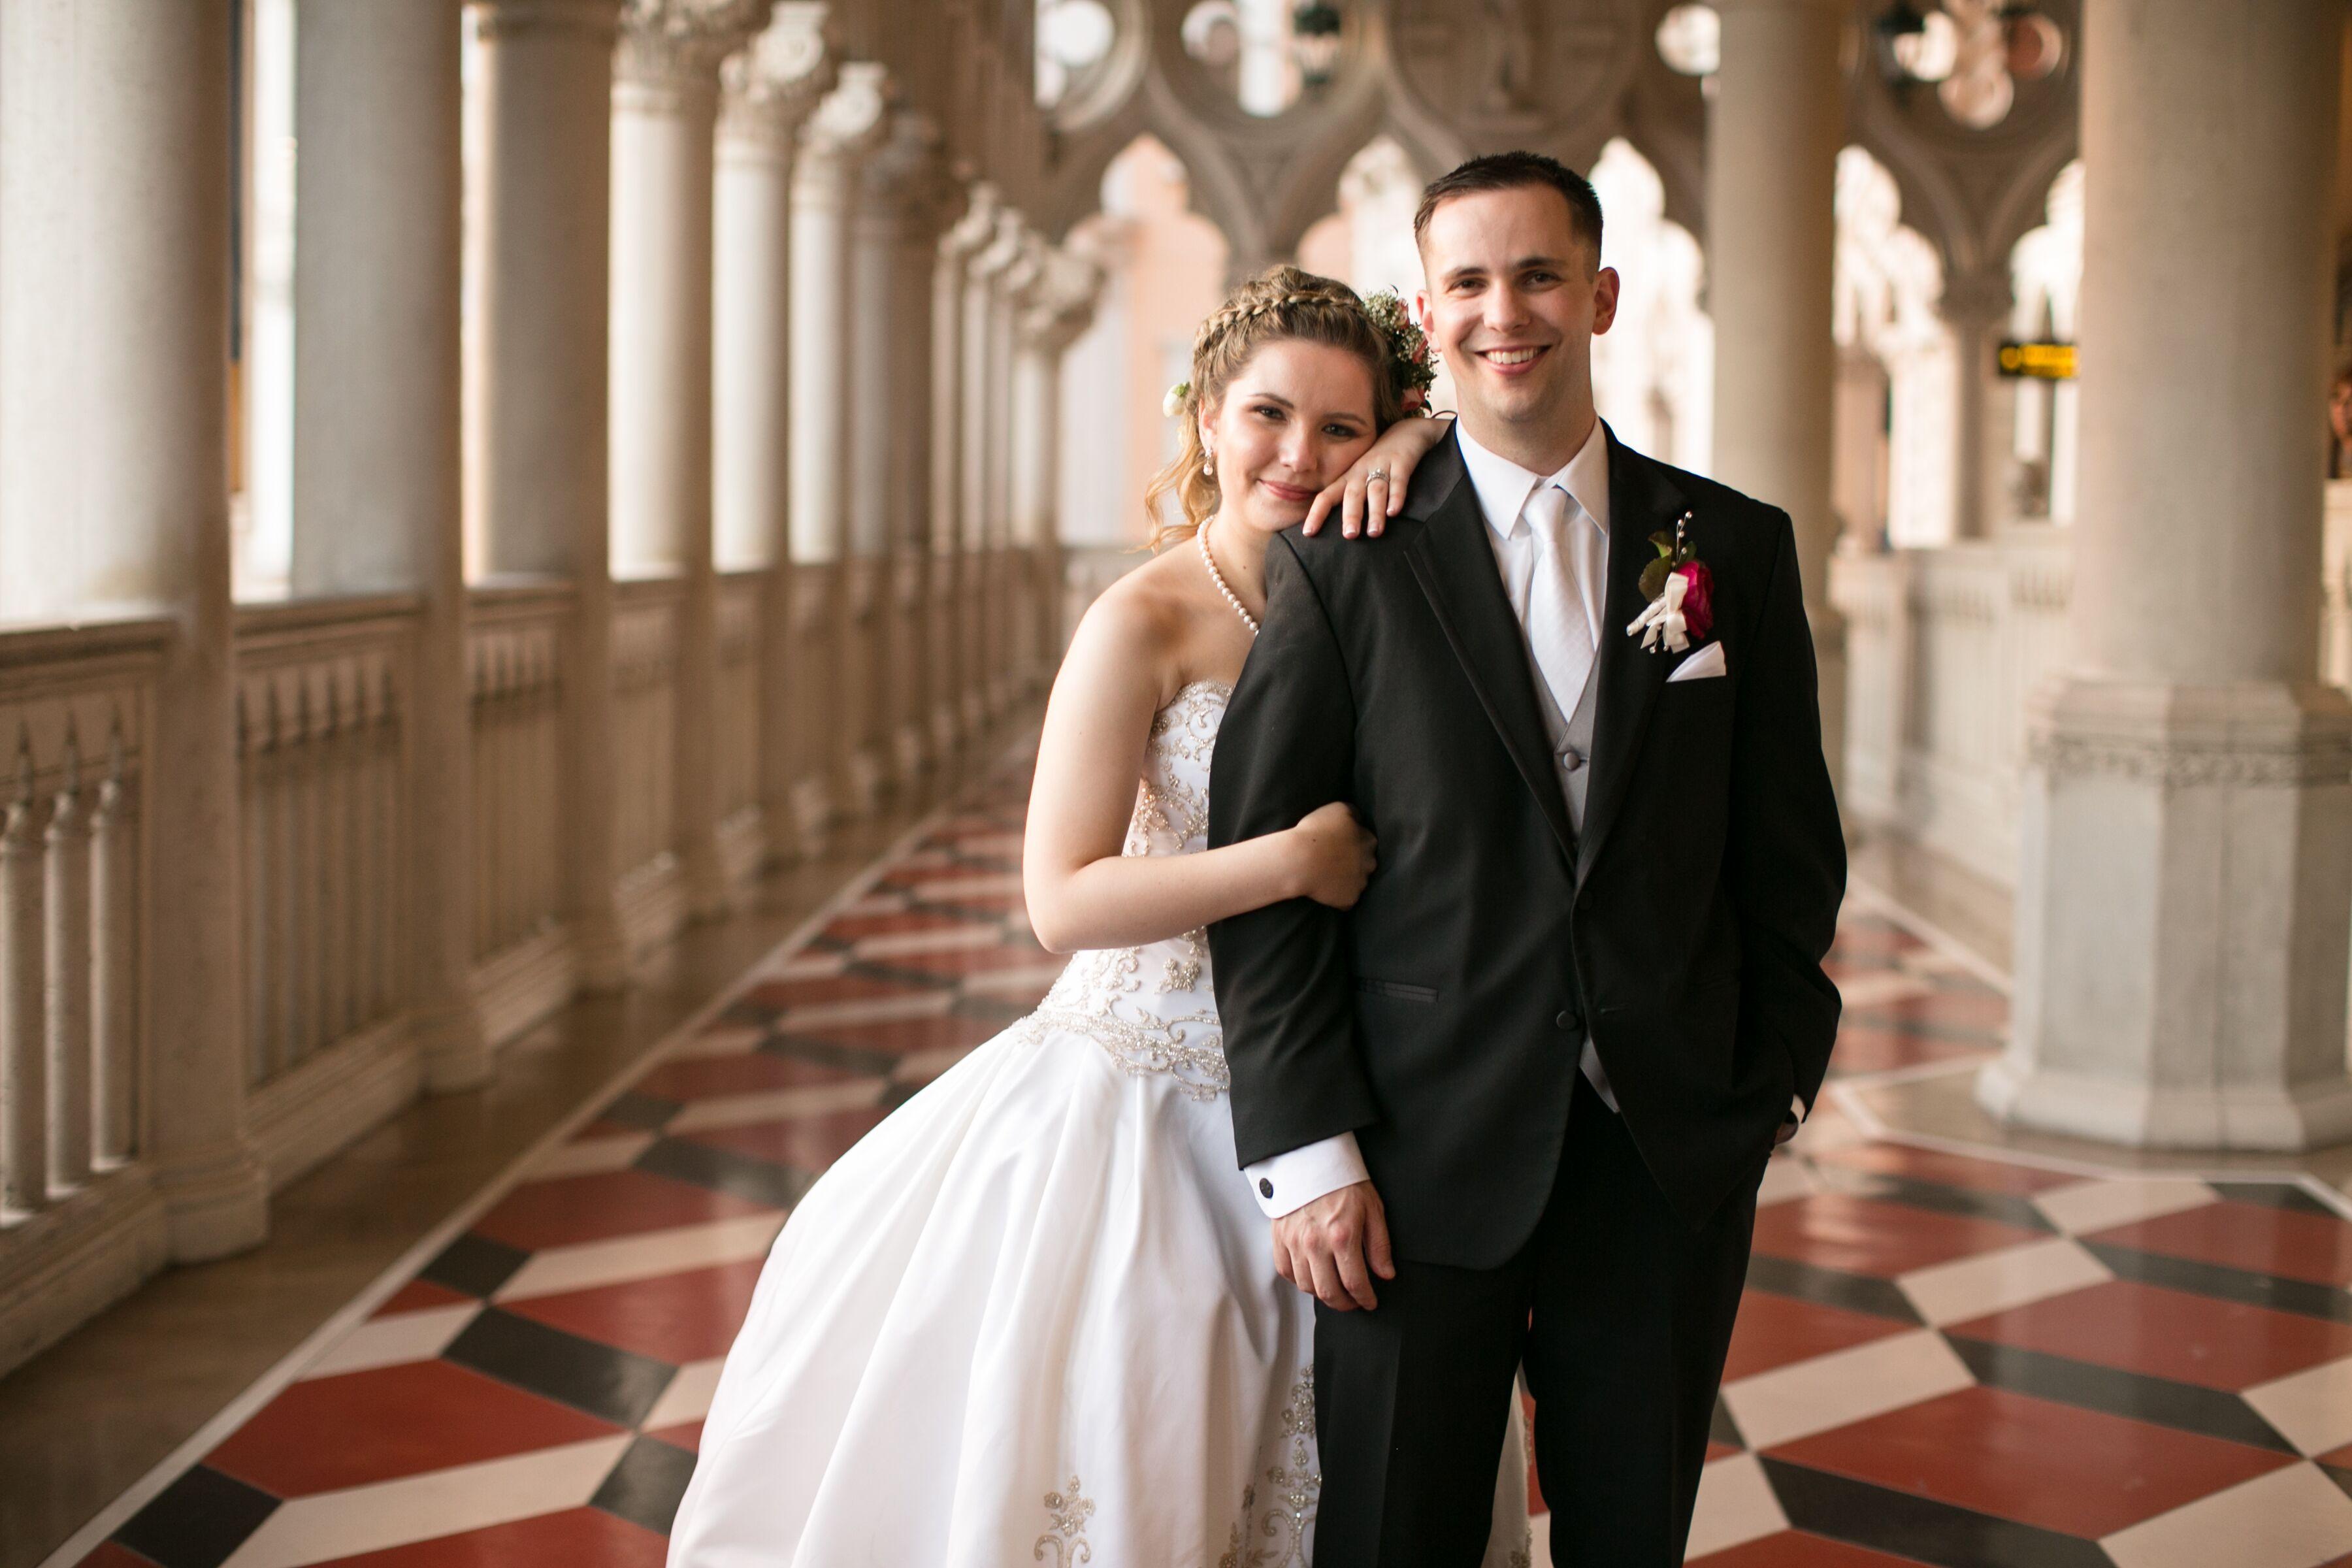 Wedding Photography Las Vegas Nevada: An Enchanted Garden-Inspired Wedding At The Venetian In